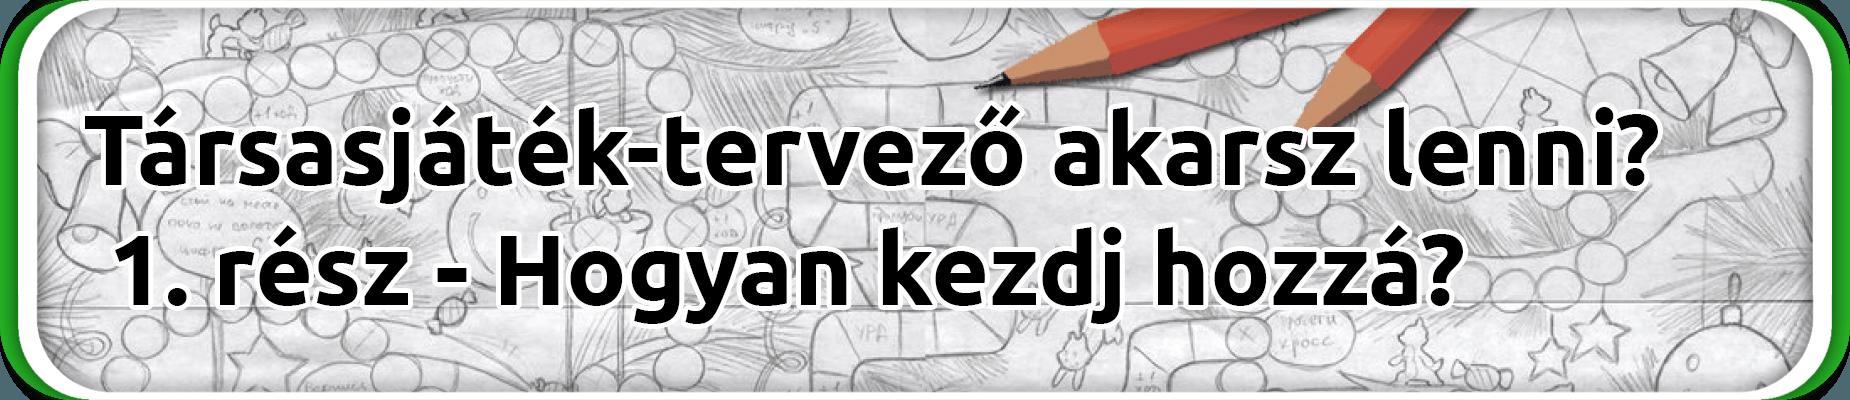 TarsasjatekTervezo1